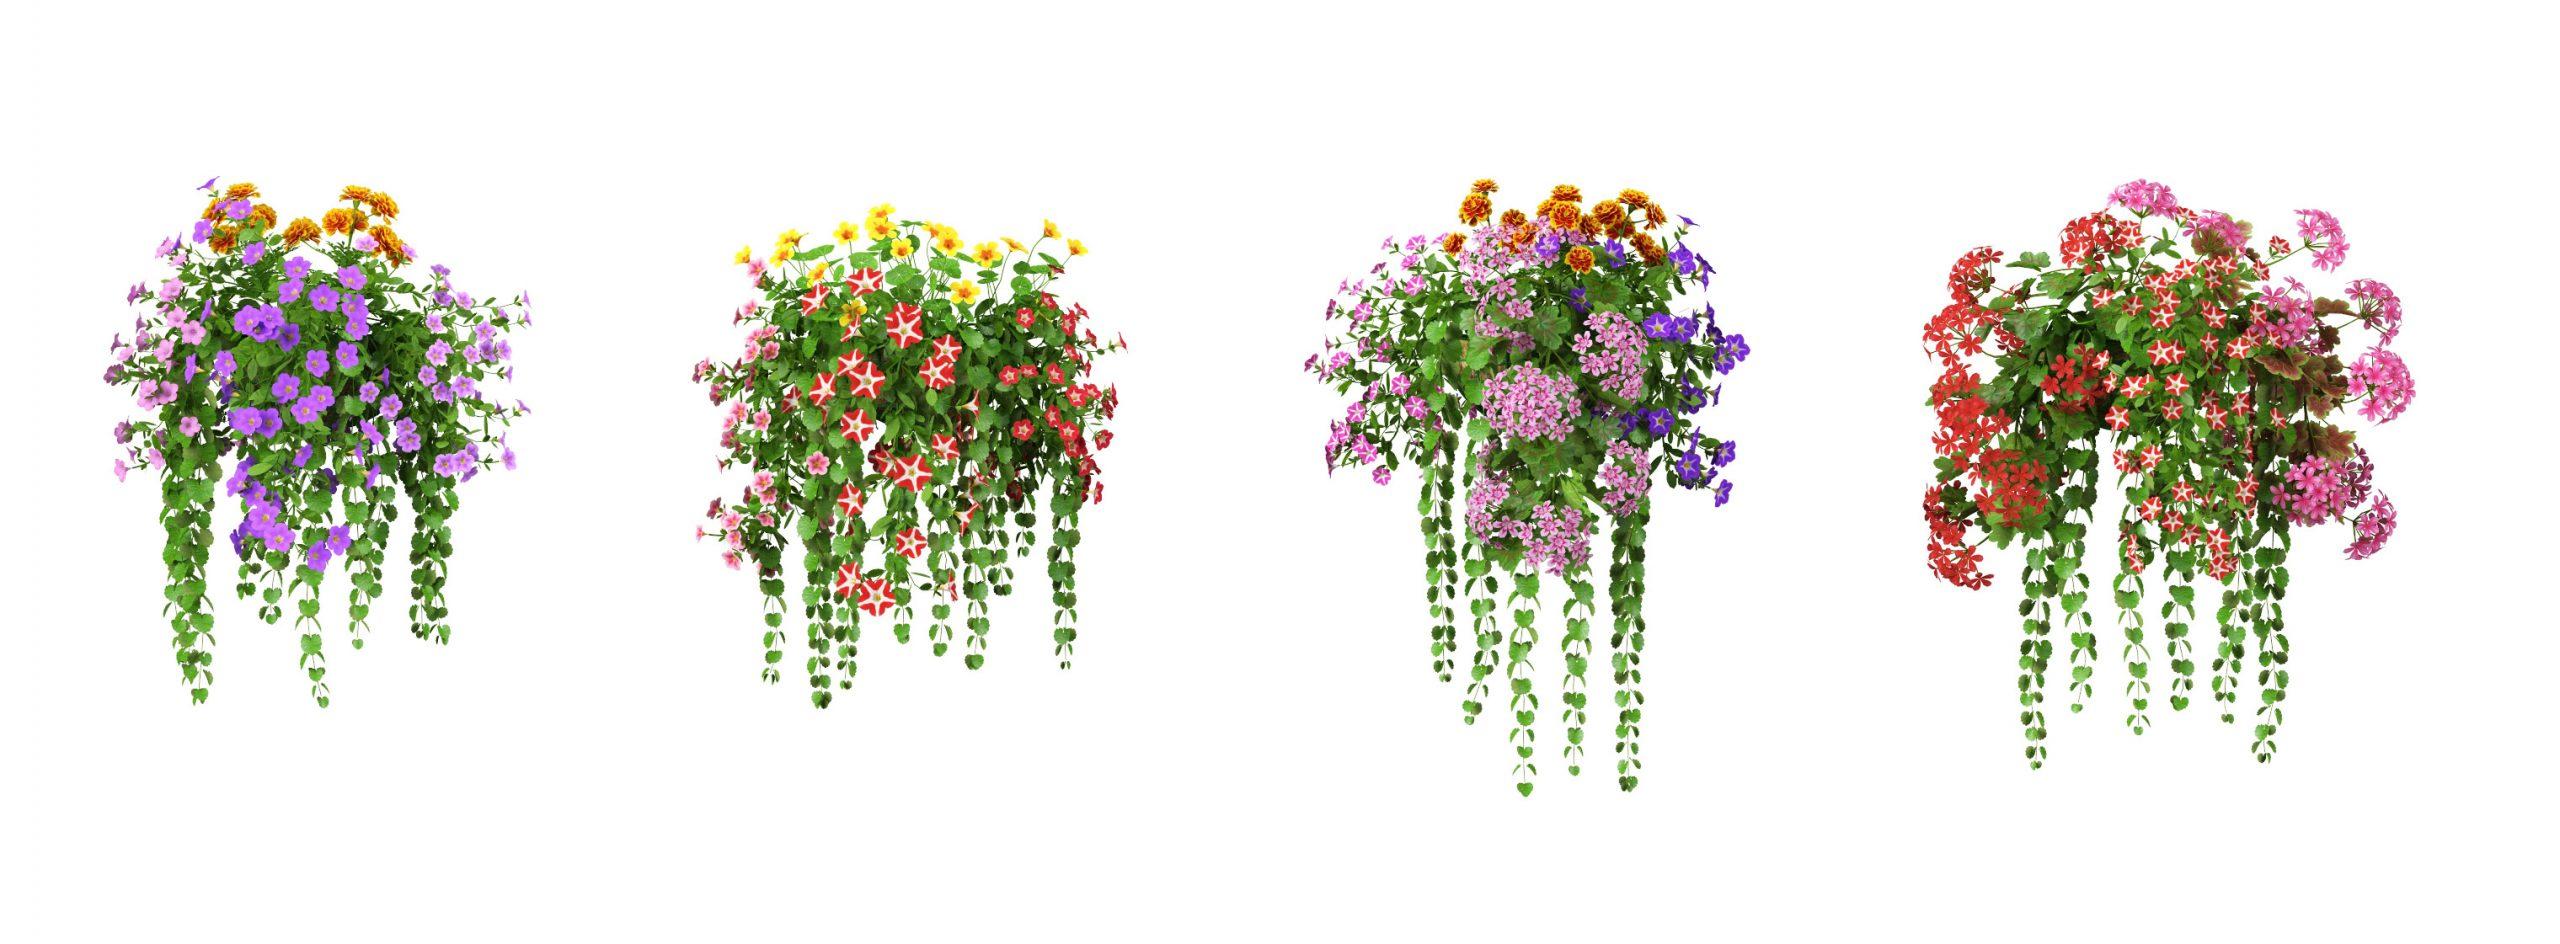 RANDOM MODELS – PRO MODELS 332 – FLOWER MODELS